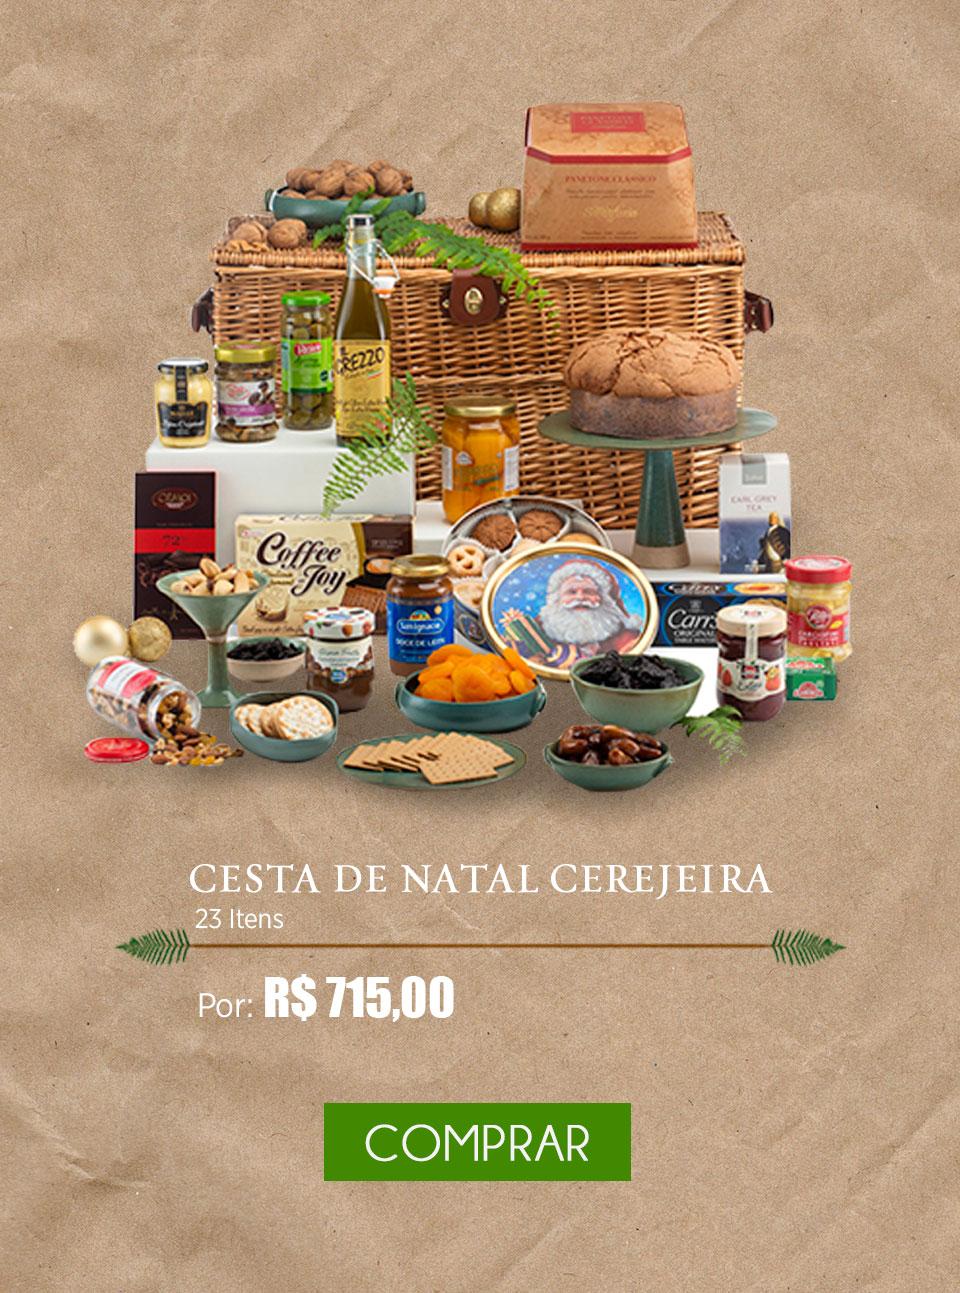 mobile | Cesta Cerejeira